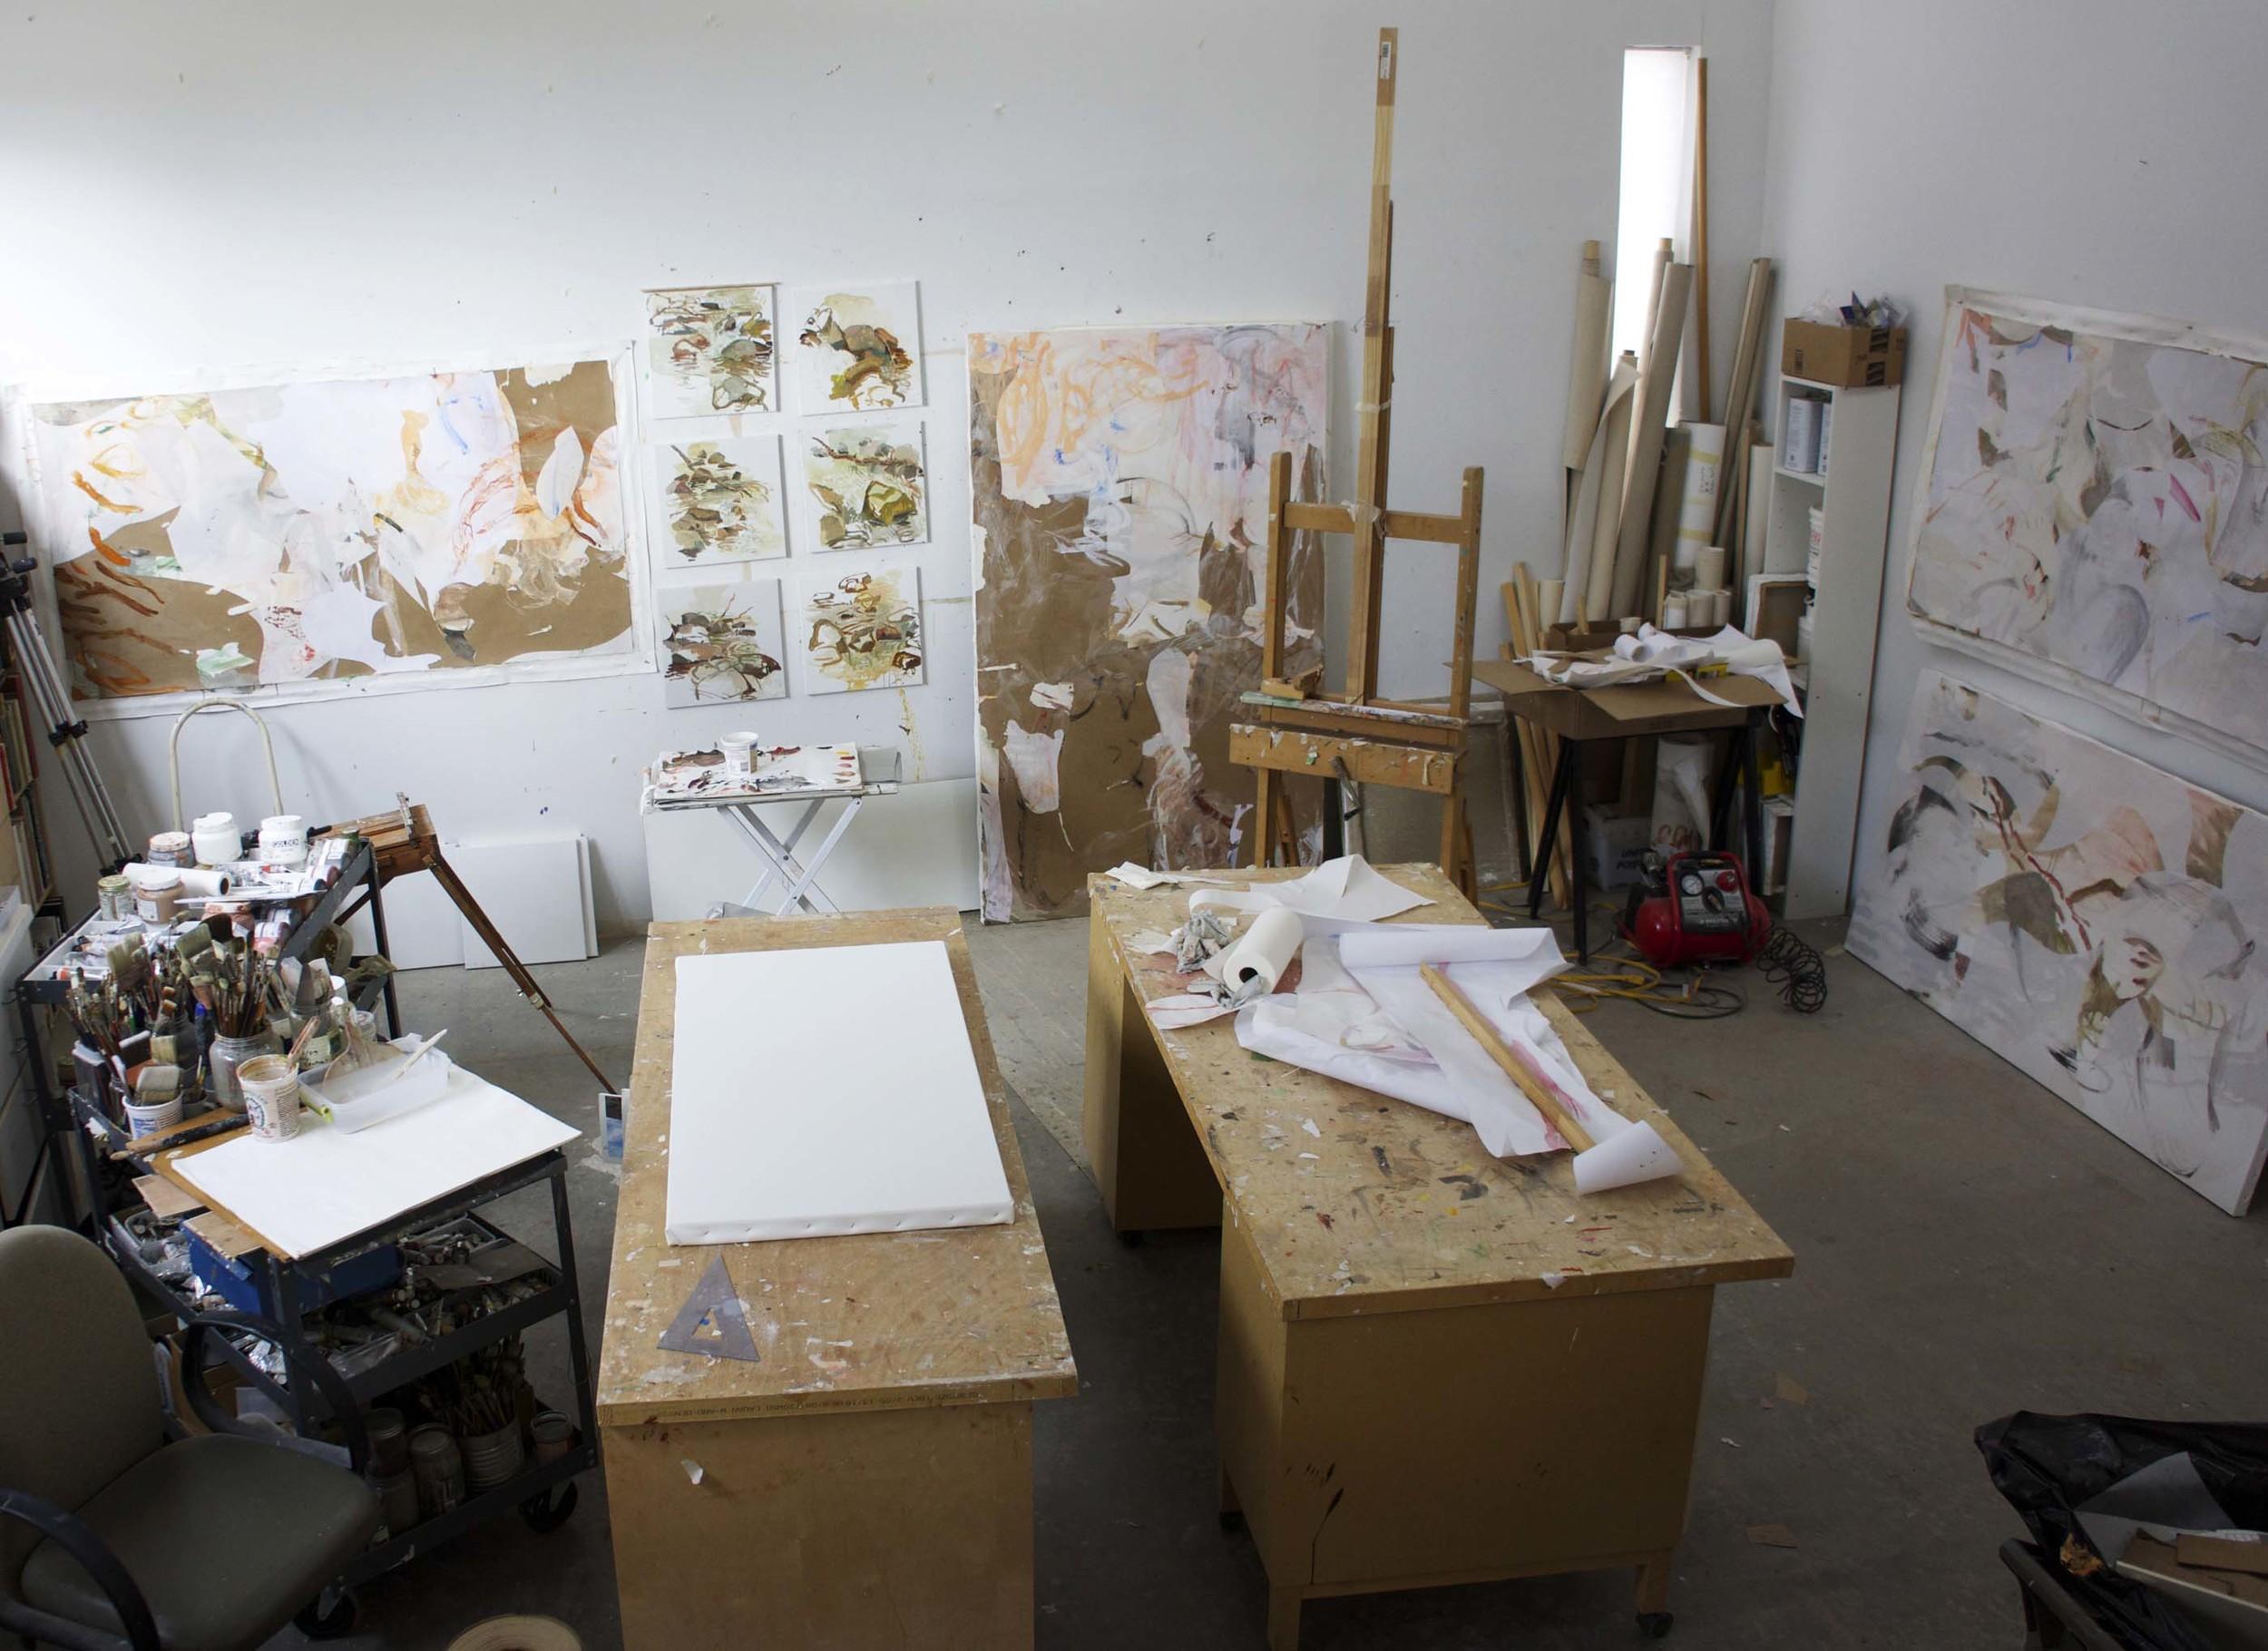 studio interior  7/6/13